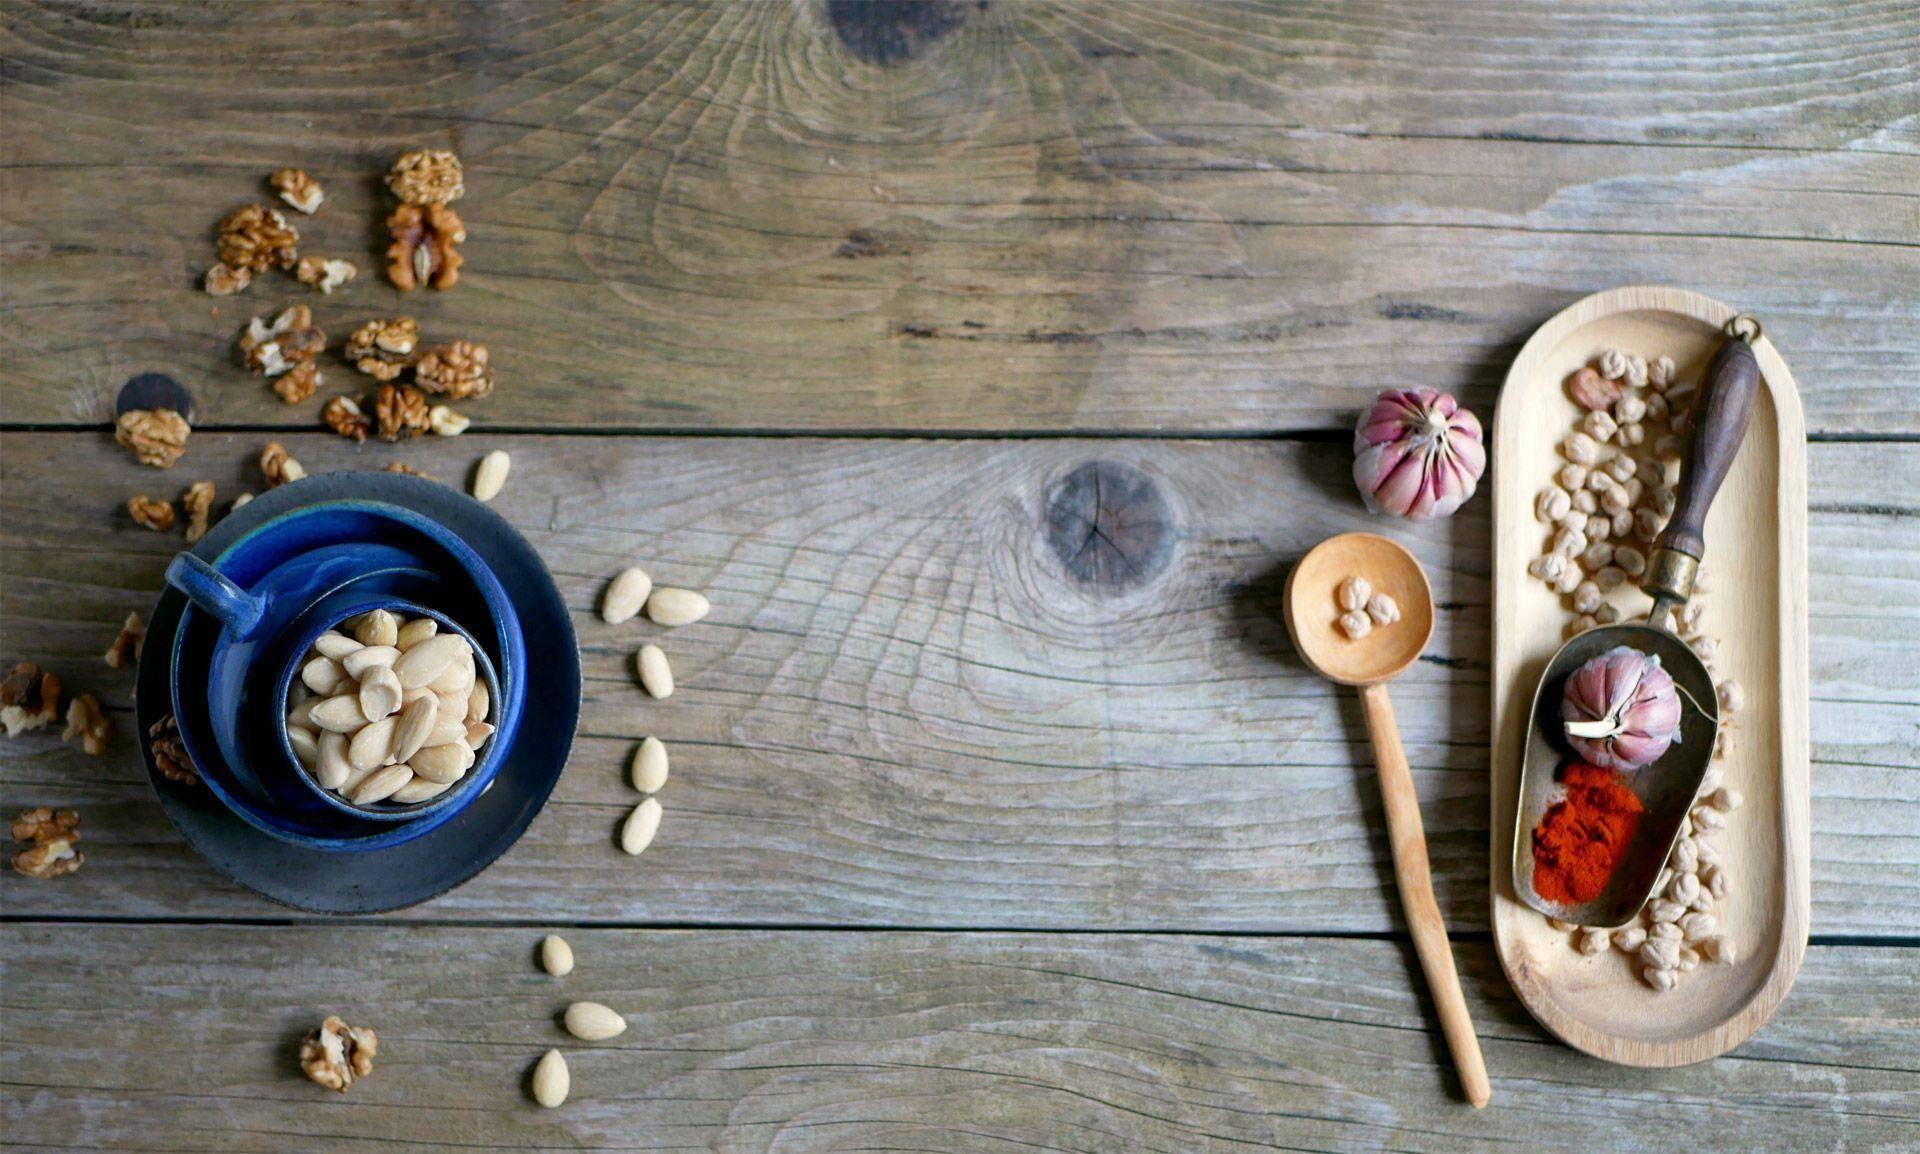 Paprikas – Blog culinaire et recettes de cuisine par Nadia Paprikas